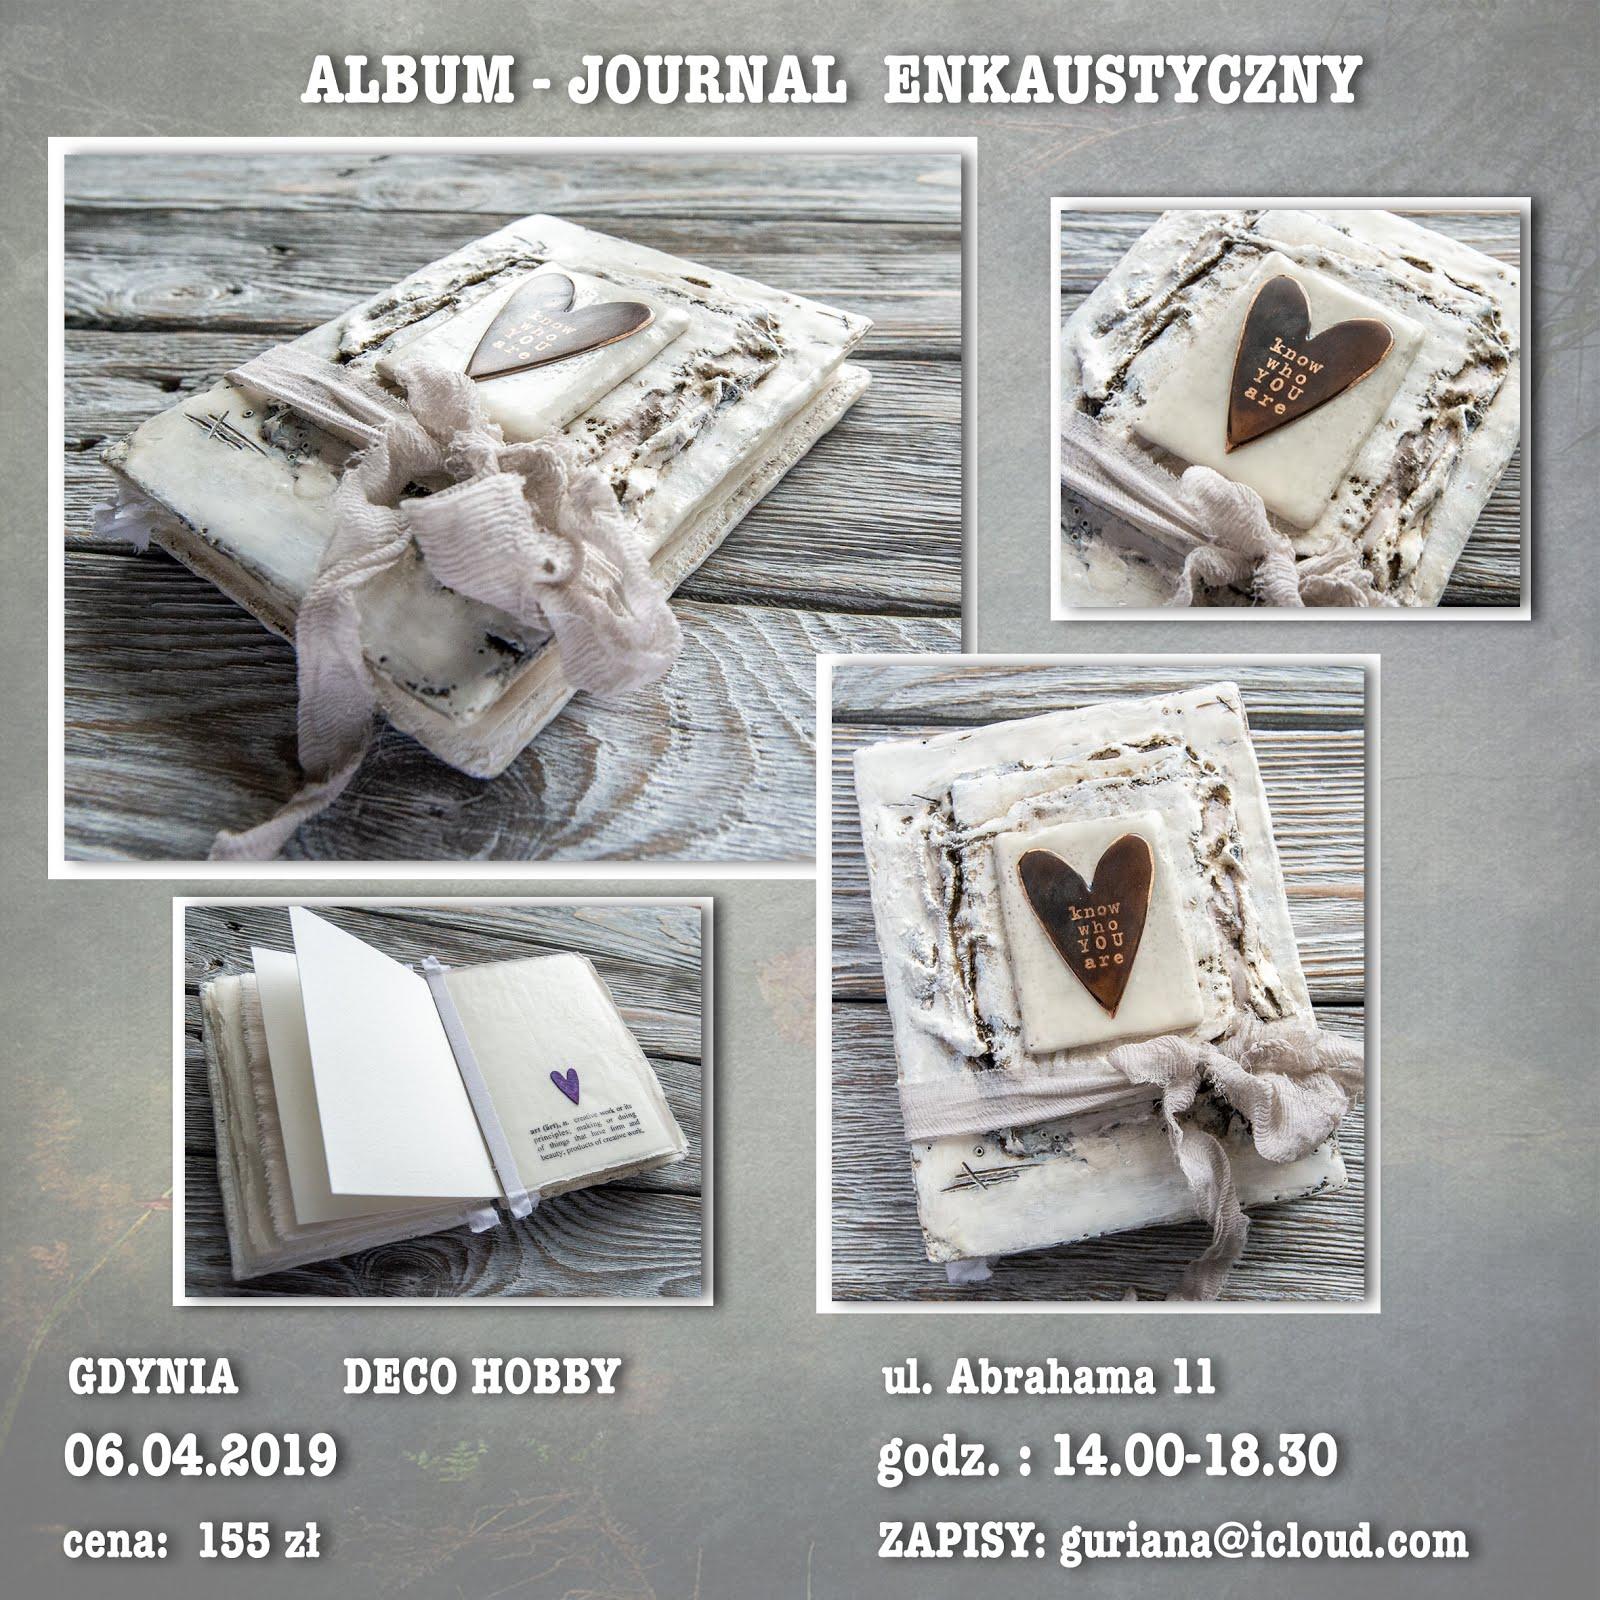 Gdynia Journal enkaustyczny